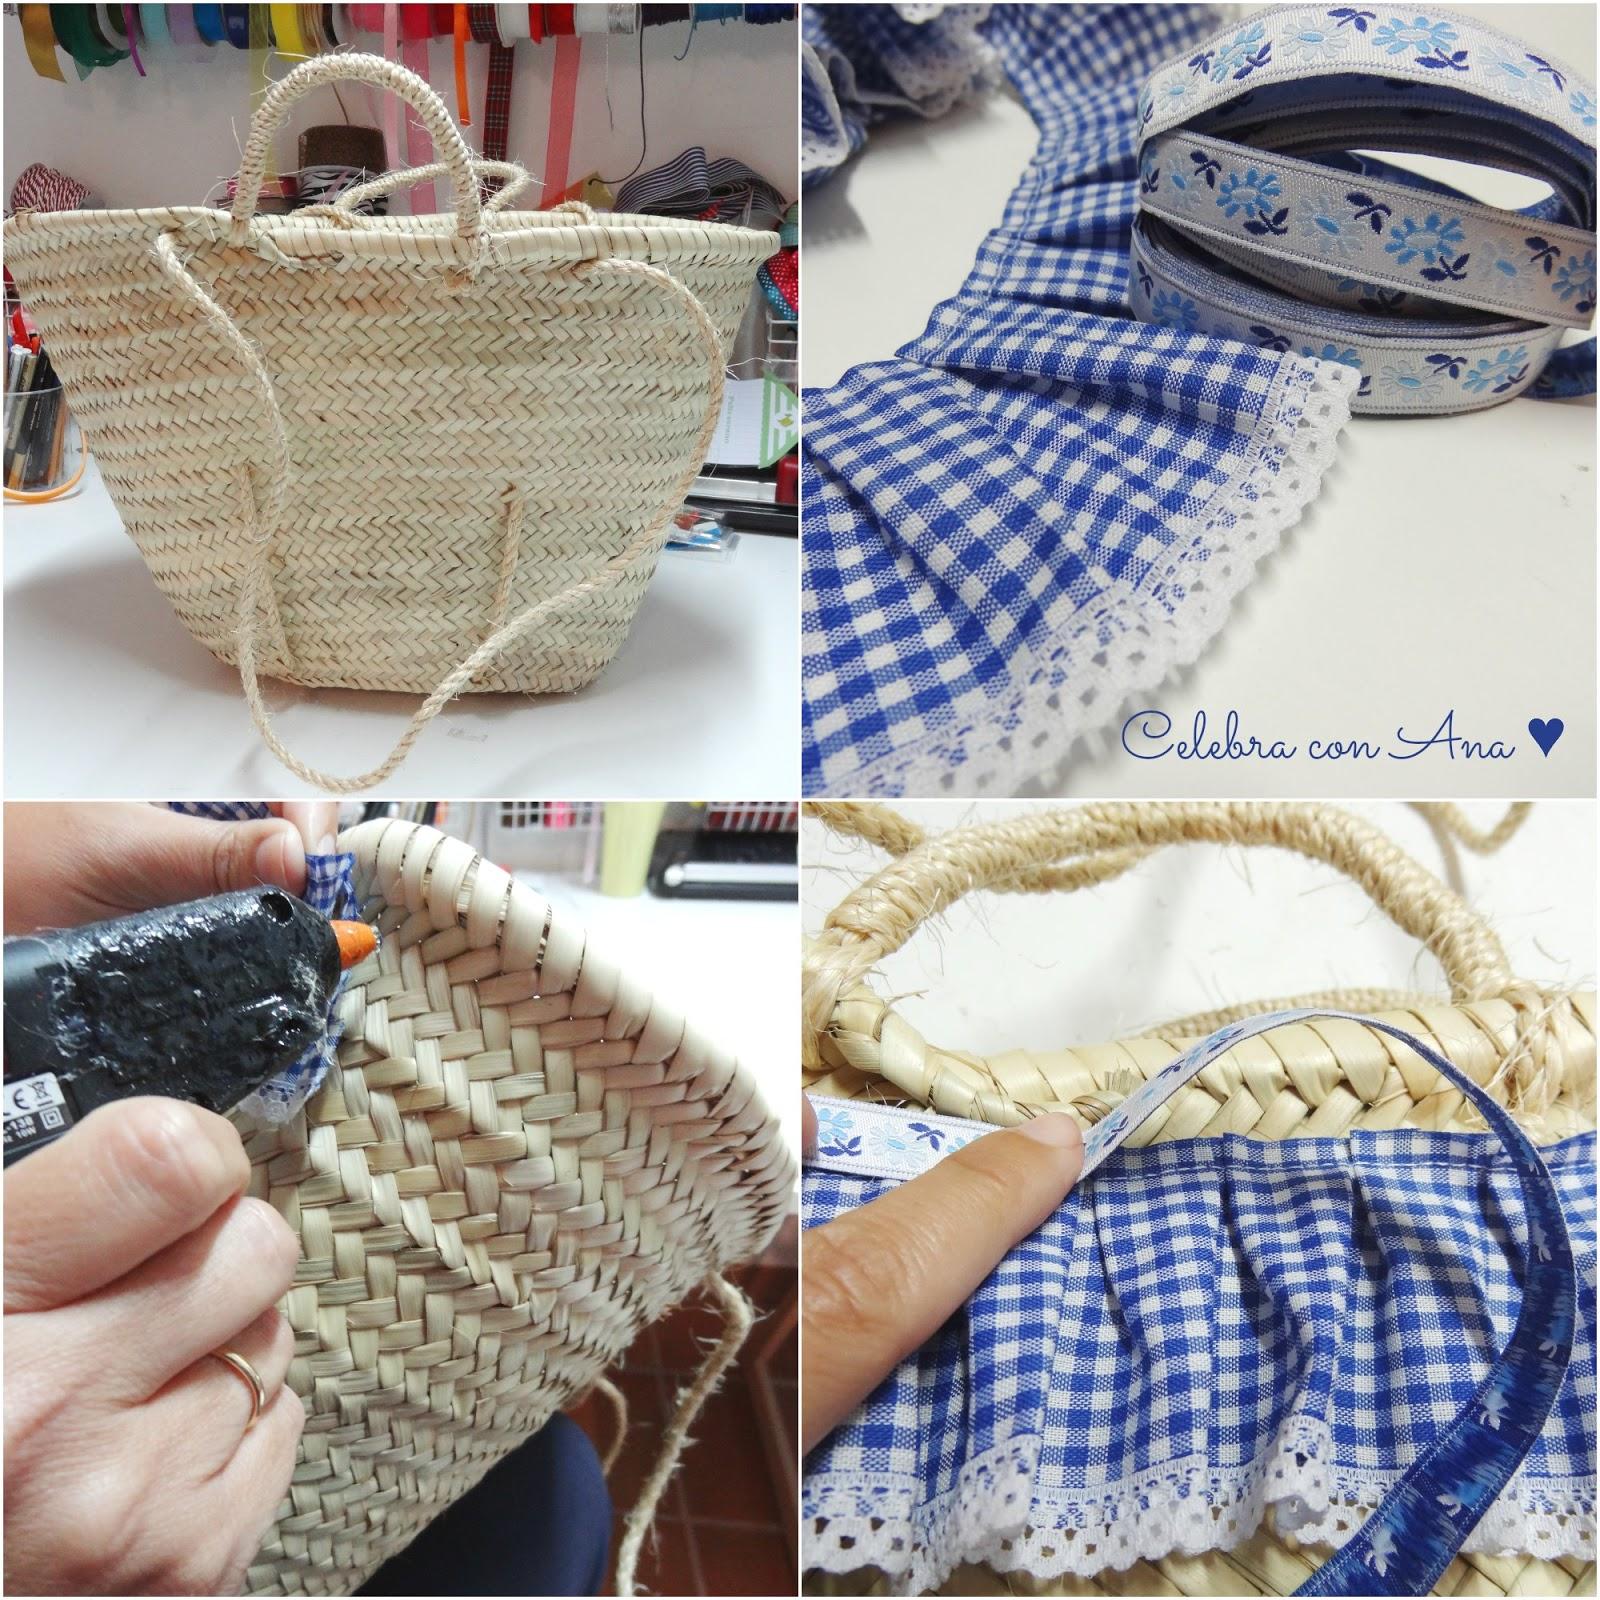 Celebra con ana compartiendo experiencias creativas cestos tuneados - Capazo mimbre playa ...